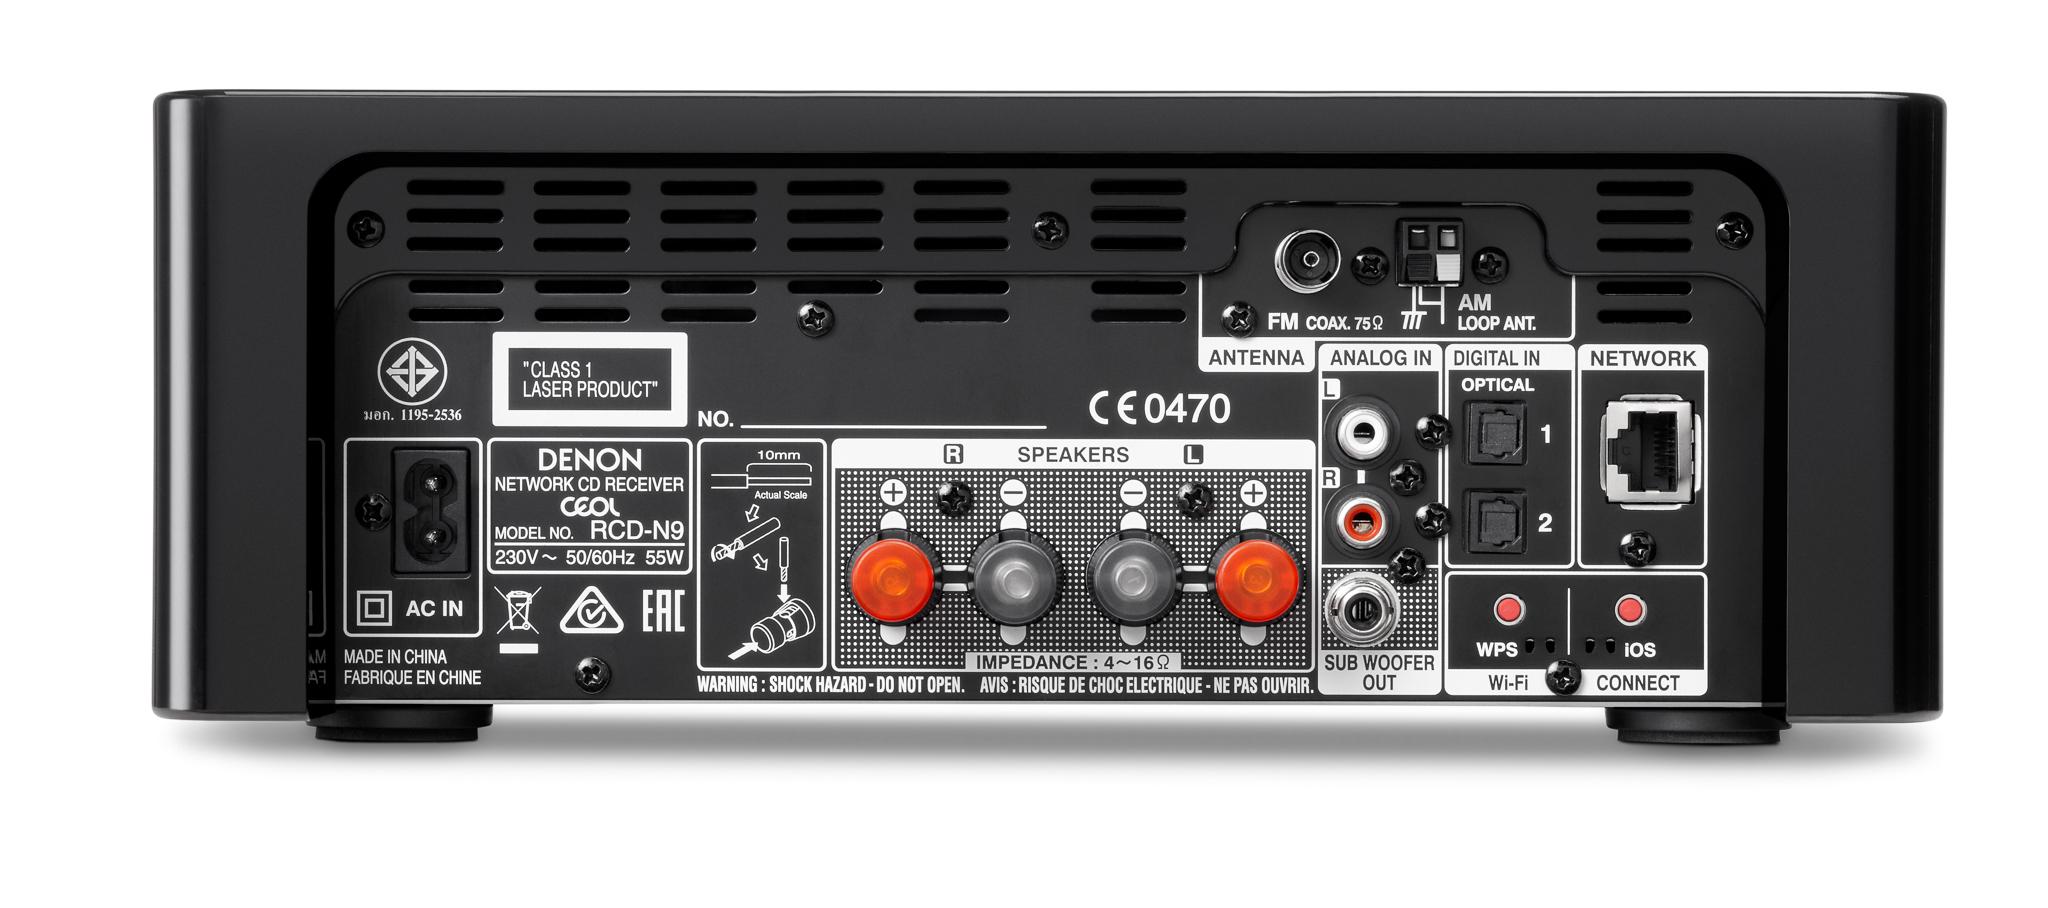 Denon D-N9 - bộ dàn mini cao cấp, đa nhiệm - ảnh 3